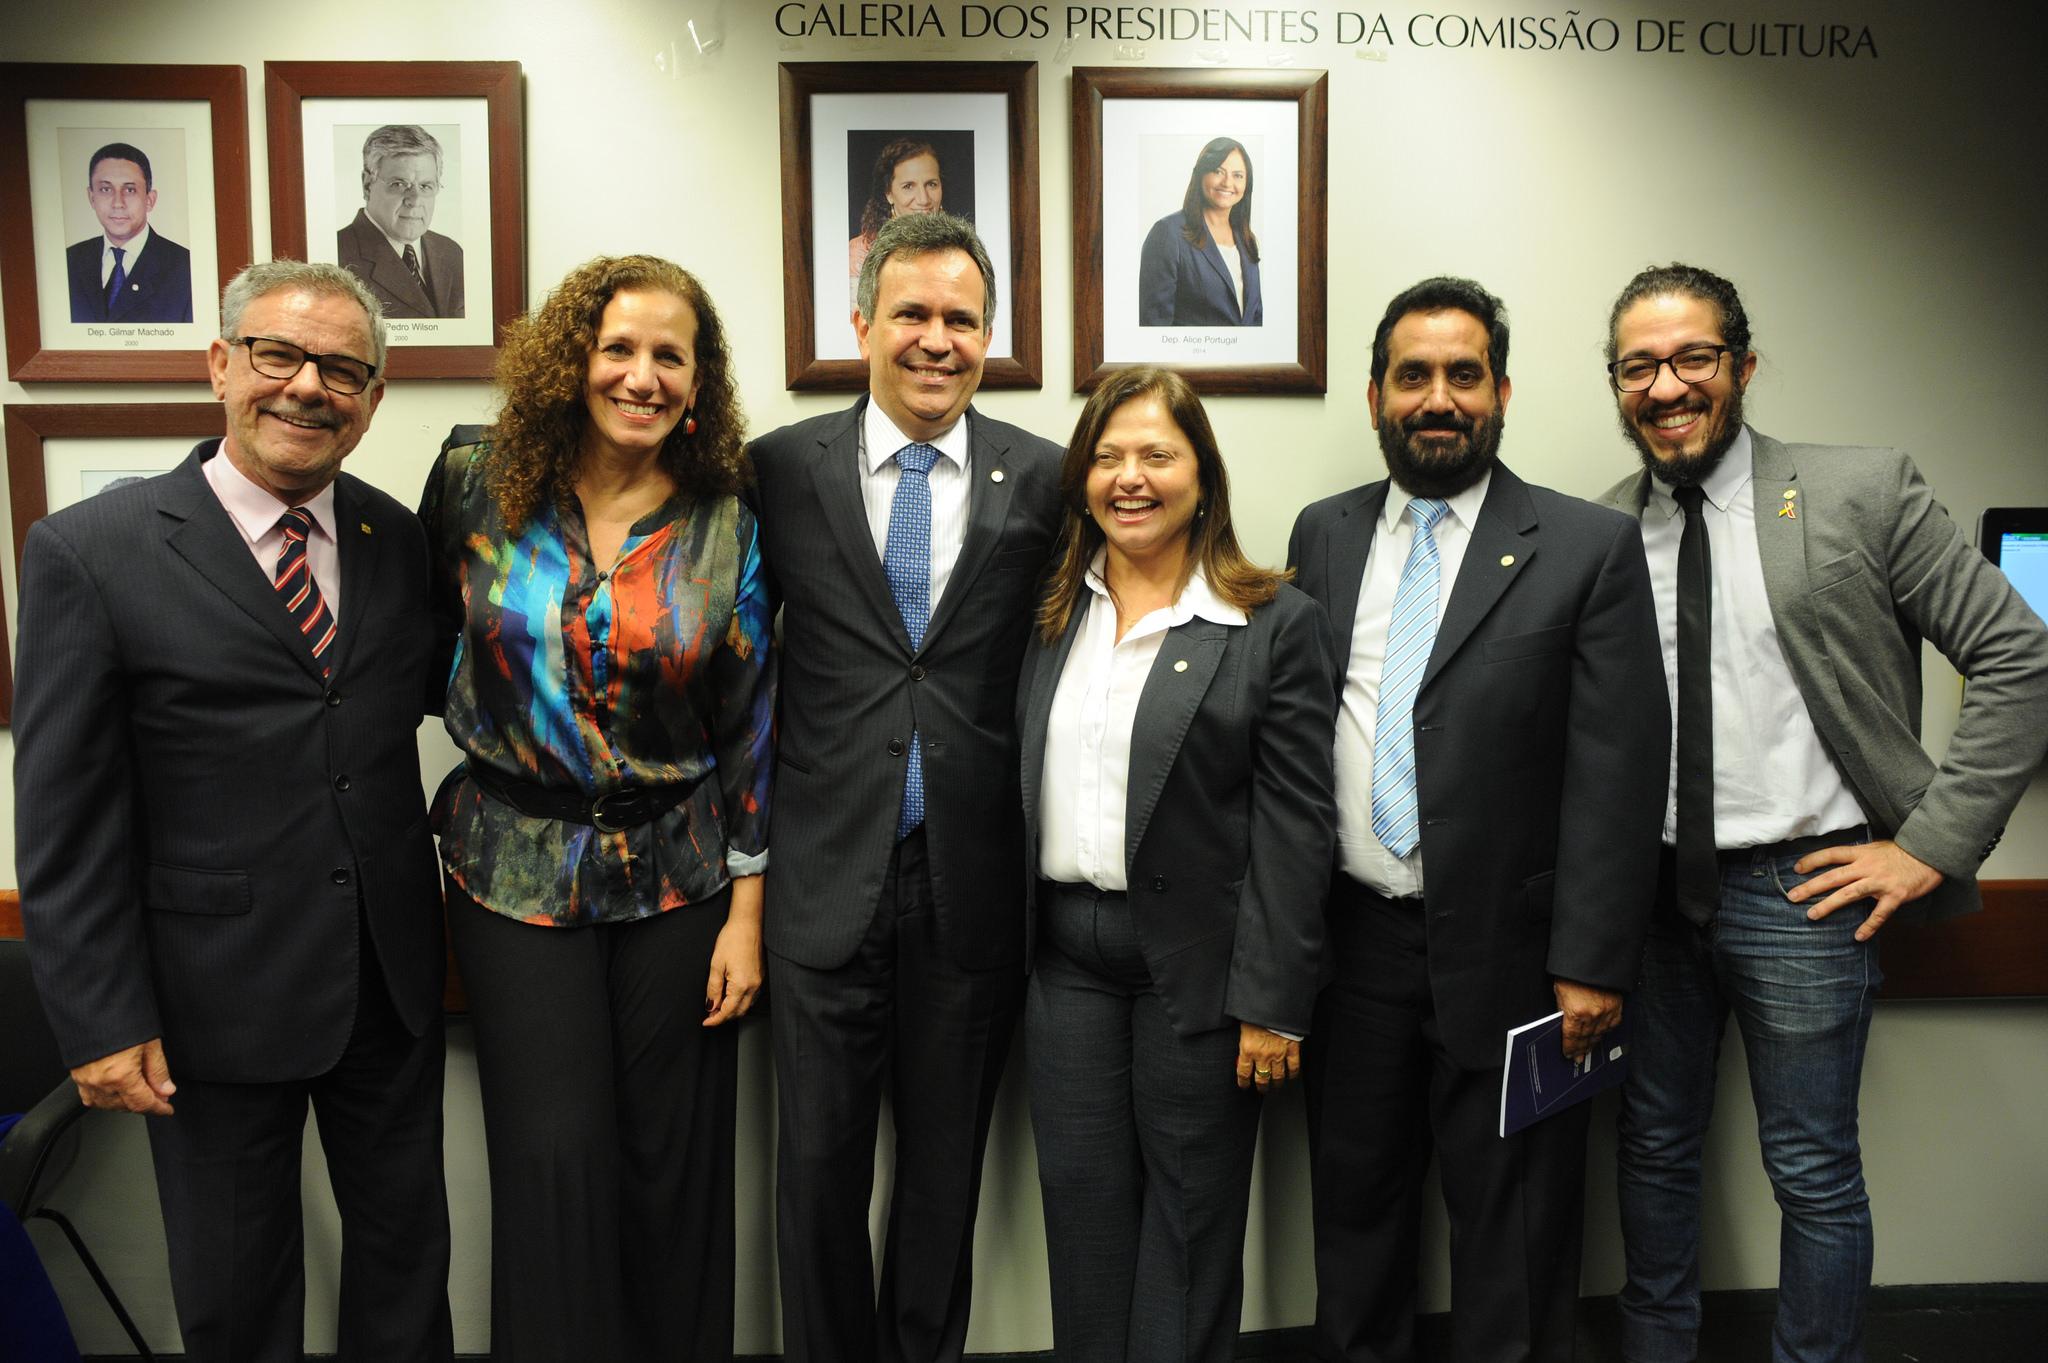 Deputado Félix Mendonça posa para foto, no dia da posse, com as ex-presidentas e demais integrantes da Comissão na inauguração da galeria de ex-presidentes